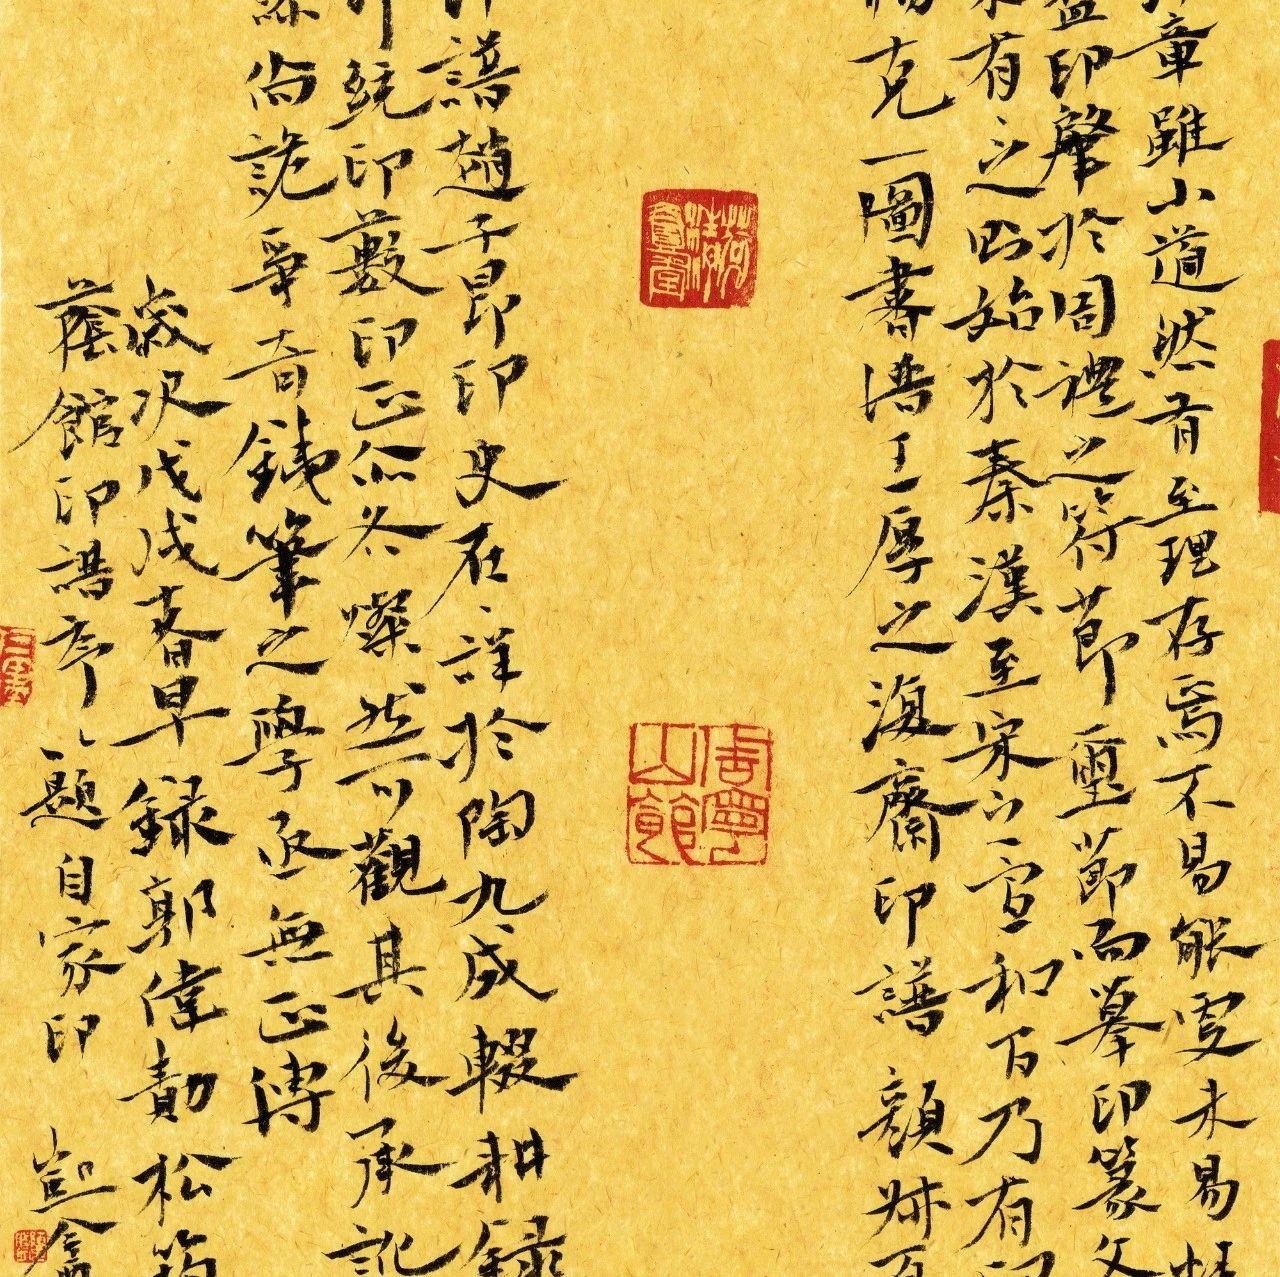 陈胜凯——印章虽小道,然有至理存焉